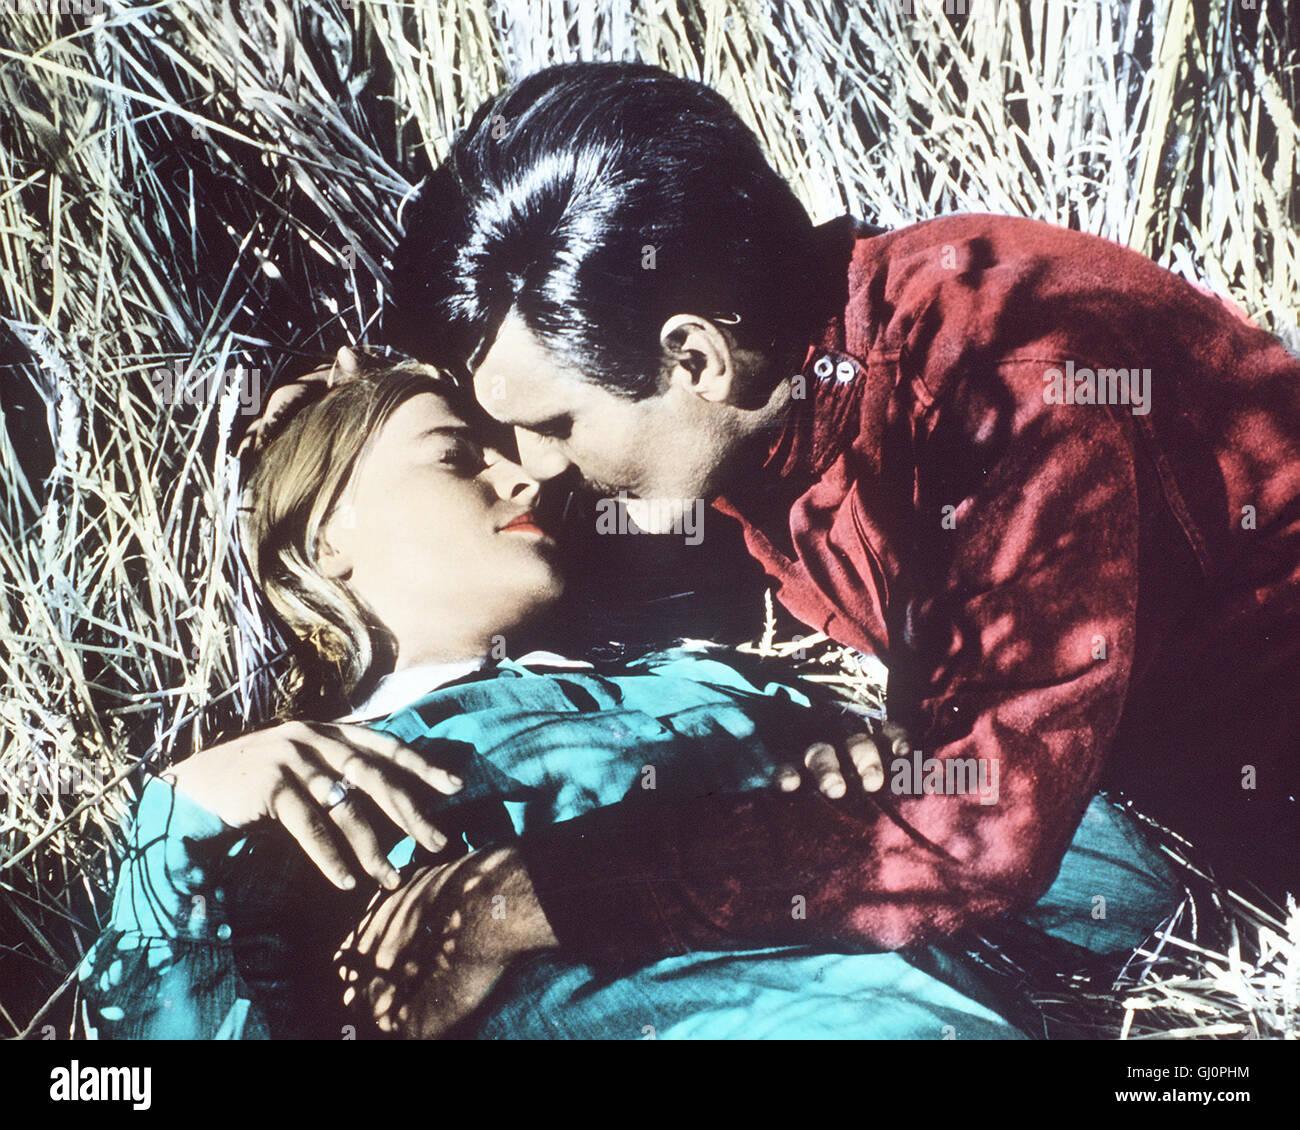 DOKTOR SCHIWAGO Doctor Zhivago USA 1965 - David Lean Im zaristischen Moskau wächst der Waise Jurij Schiwago (OMAR SHARIF) bei der großbürgerlichen Familie Gromeko auf und studiert Medizin. Er heiratet auf Wunsch seiner Pflegeeltern deren Tochter Tonya, die er zwar sehr vereehrt - jedoch nicht liebt. Zufällig kreuzen sich seine Wege immer wieder mit denen der schönen, jungen Lara (JULIE CHRISTIE), die mit dem Revolutionär Pasha verheiratet ist. Als er sie in einem Lazarett als Schwester wiedertrifft, keimt zwischen beiden eine leidenschaftliche Liebe auf. Regie: David Lean aka. Doctor Zhivago Stock Photo